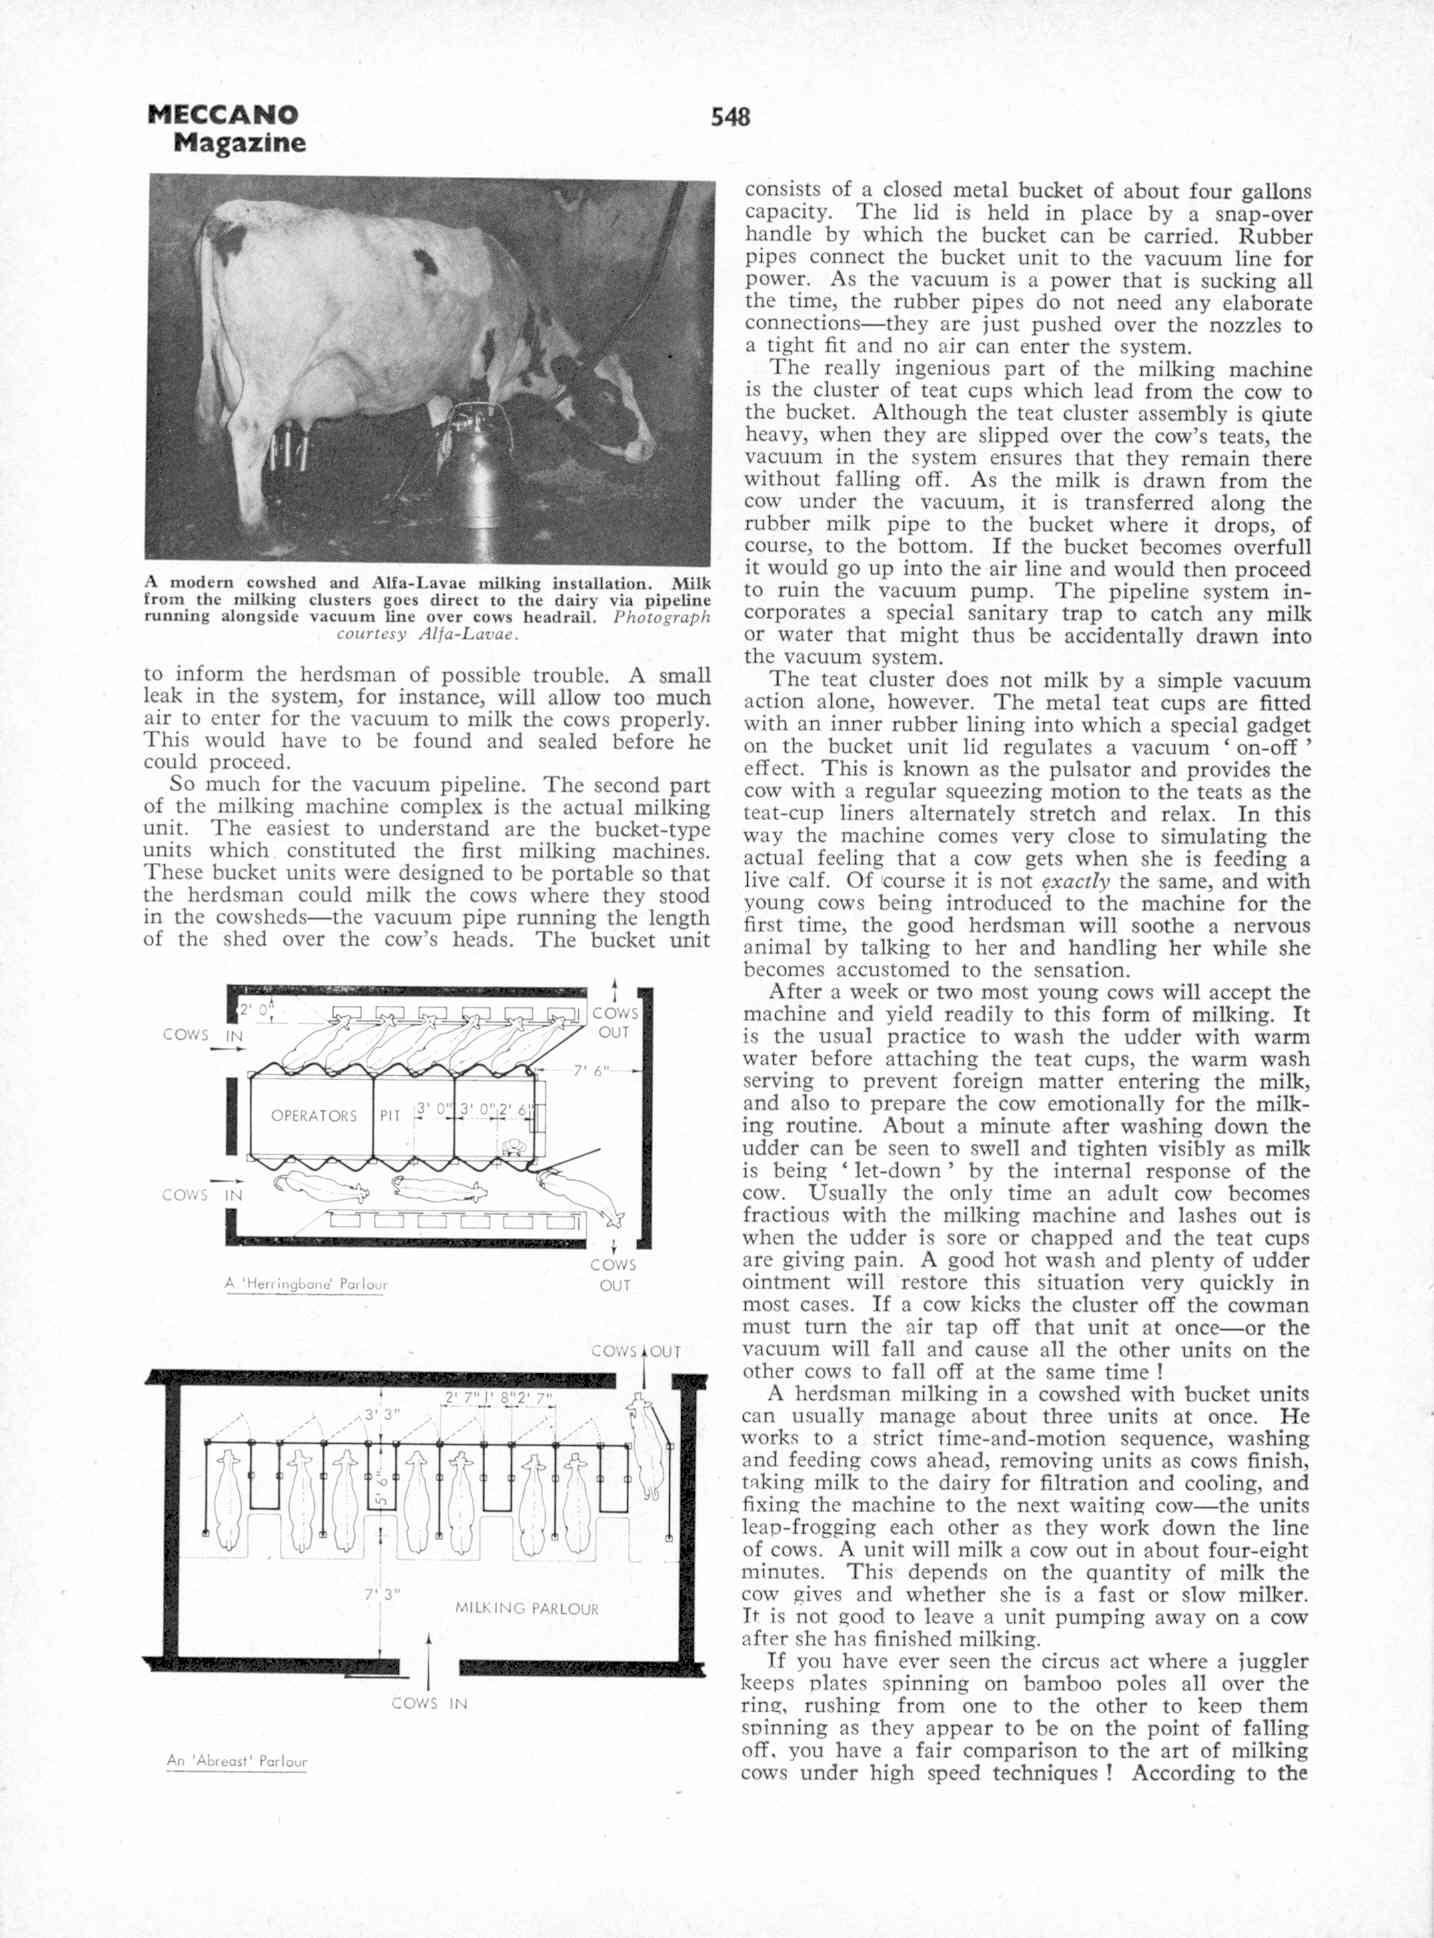 UK Meccano Magazine October 1970 Page 548